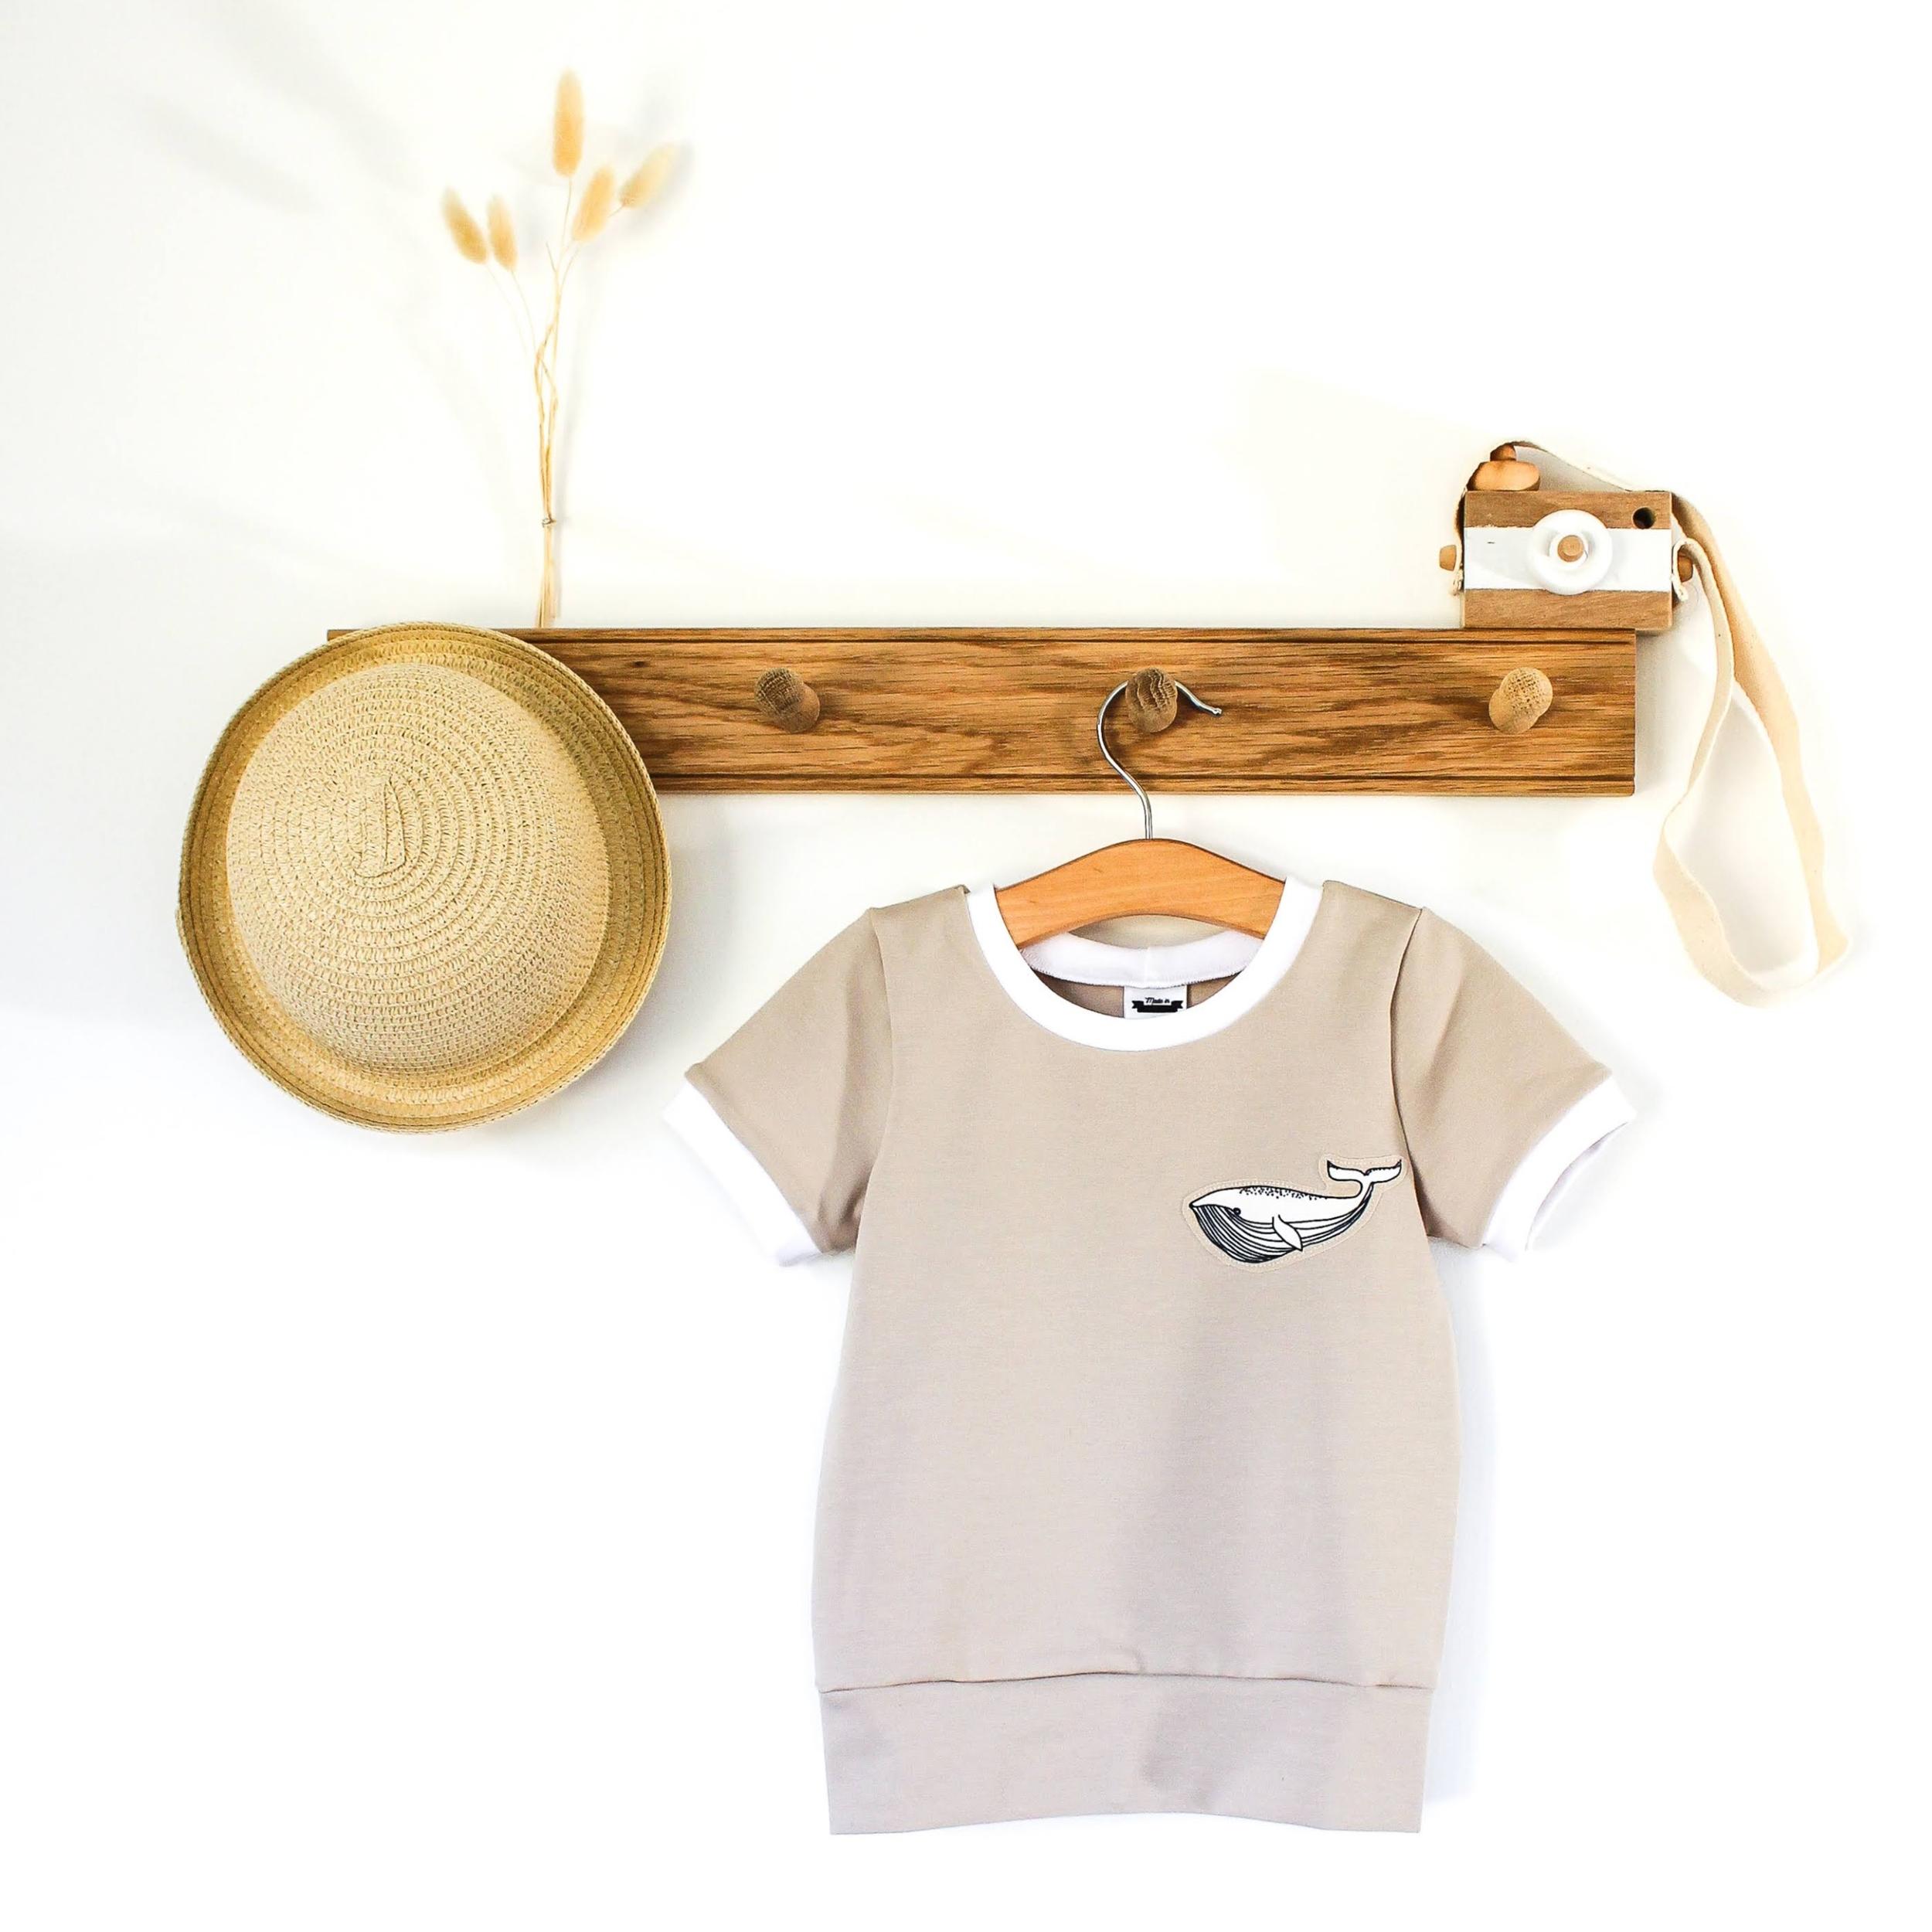 Tee-shirt évolutif - WHITE WHALE